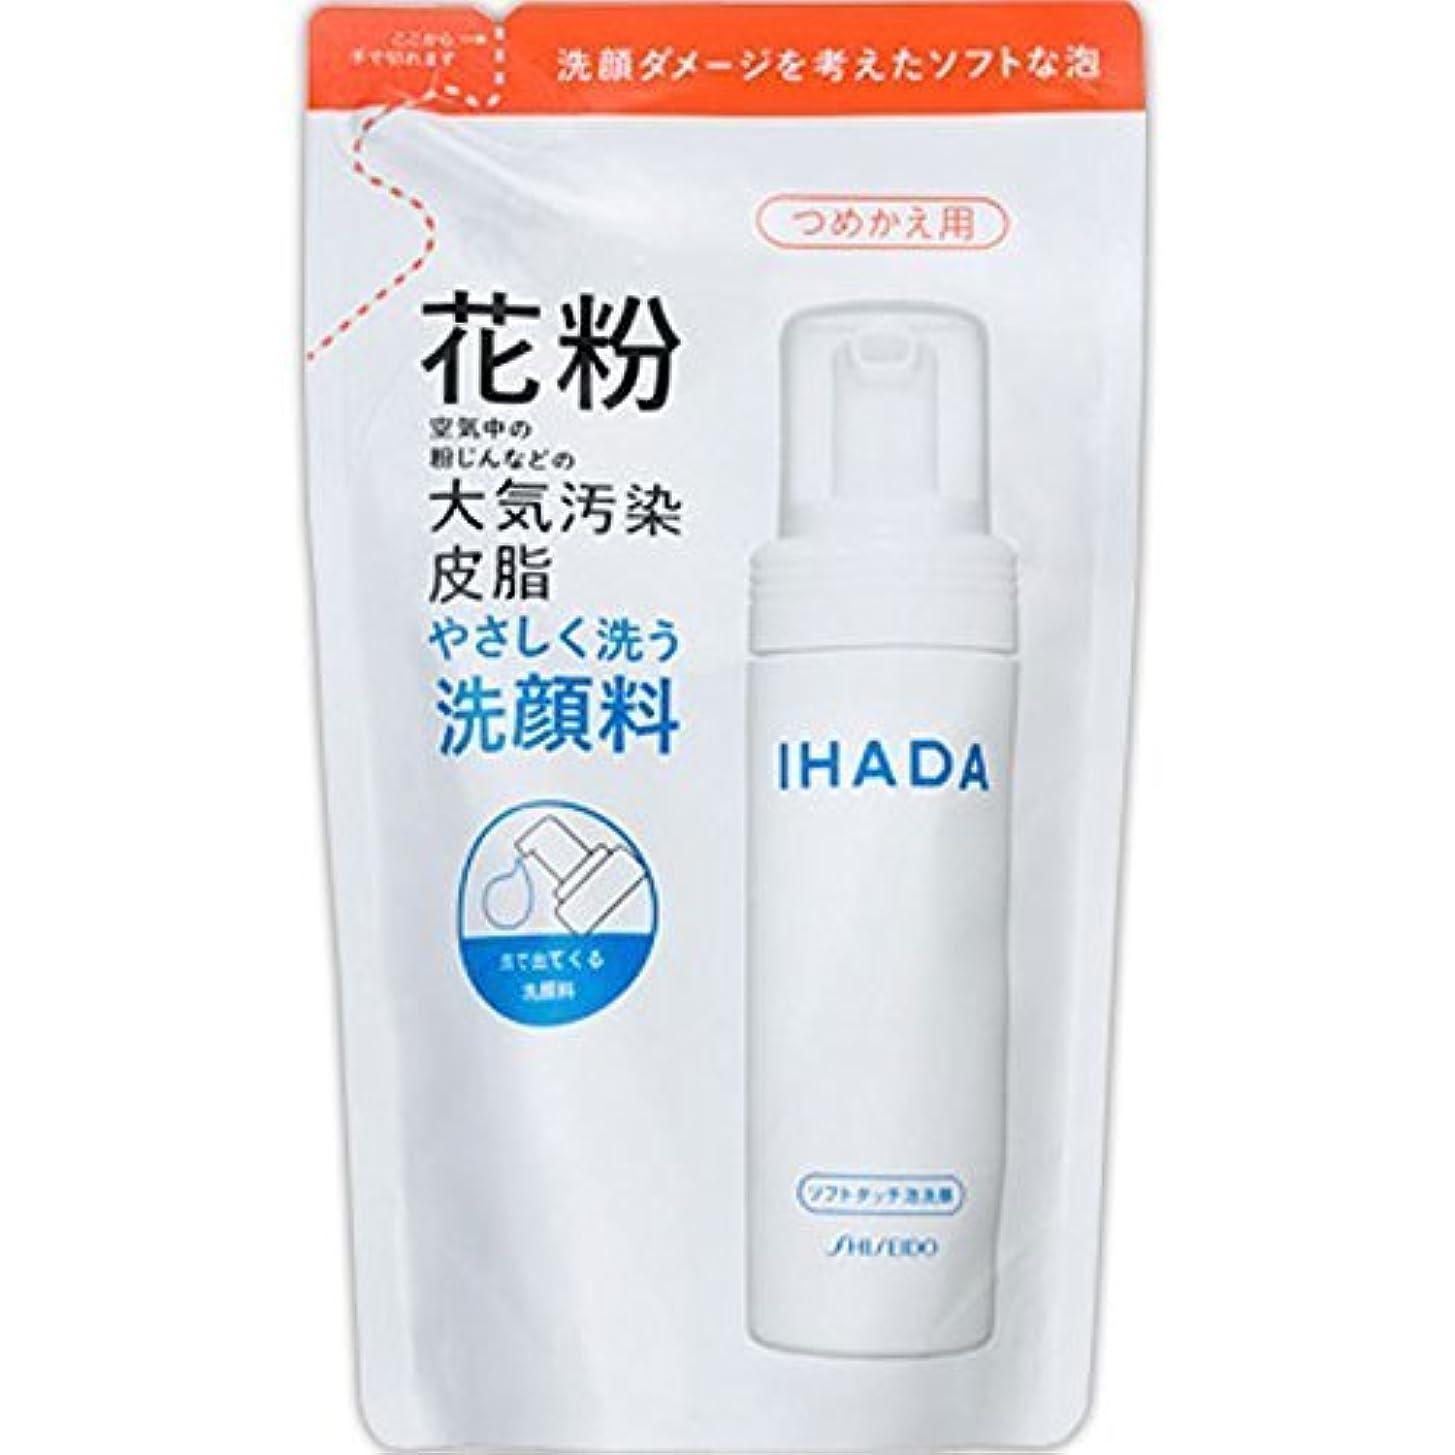 可愛い高価な破壊イハダ ソフトタッチ 洗顔料 つめかえ用 100ml